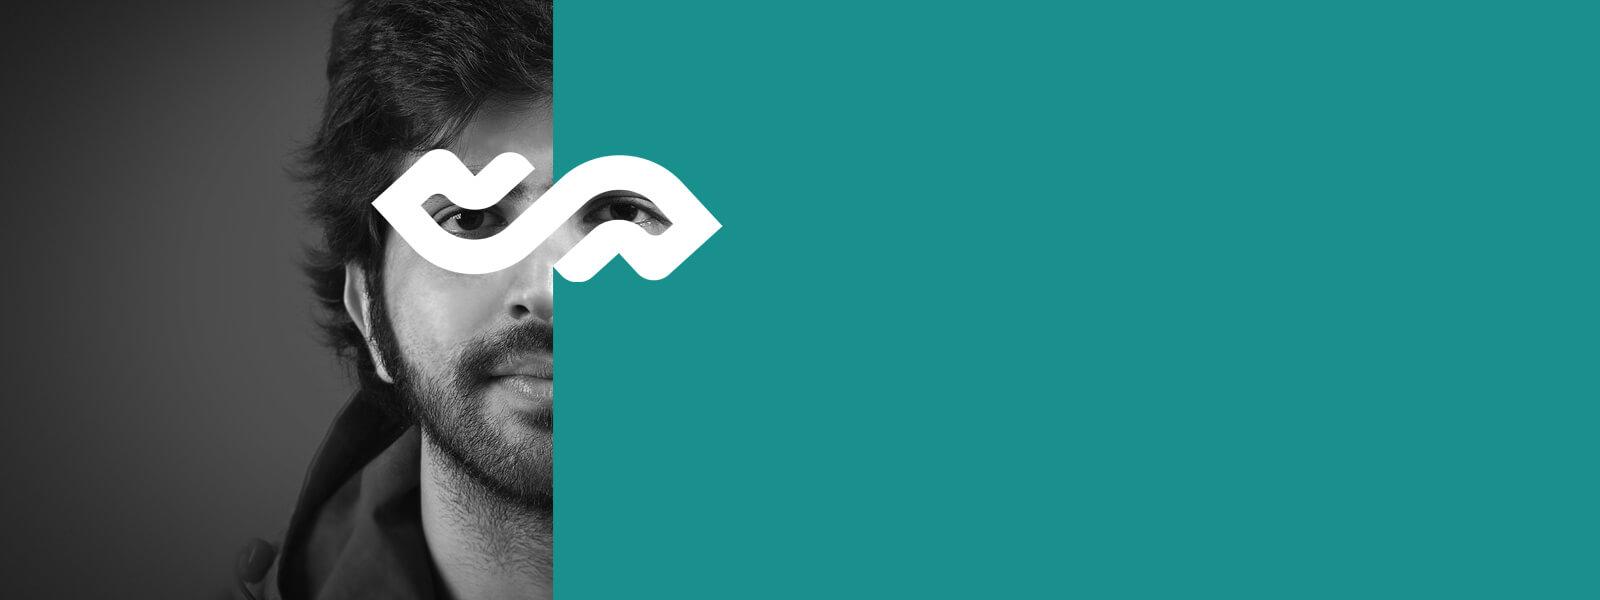 لایه پنجم اسلاید سی و پنجمین جشنواره بین المللی تئاتر فجر، هویت بصری سی و پنجمین جشنواره بین المللی تئاتر فجر، طراحی لوگو، طراحی لوگوتایپ، شرکت تبلیغاتی الف، طراحی هویت بصری